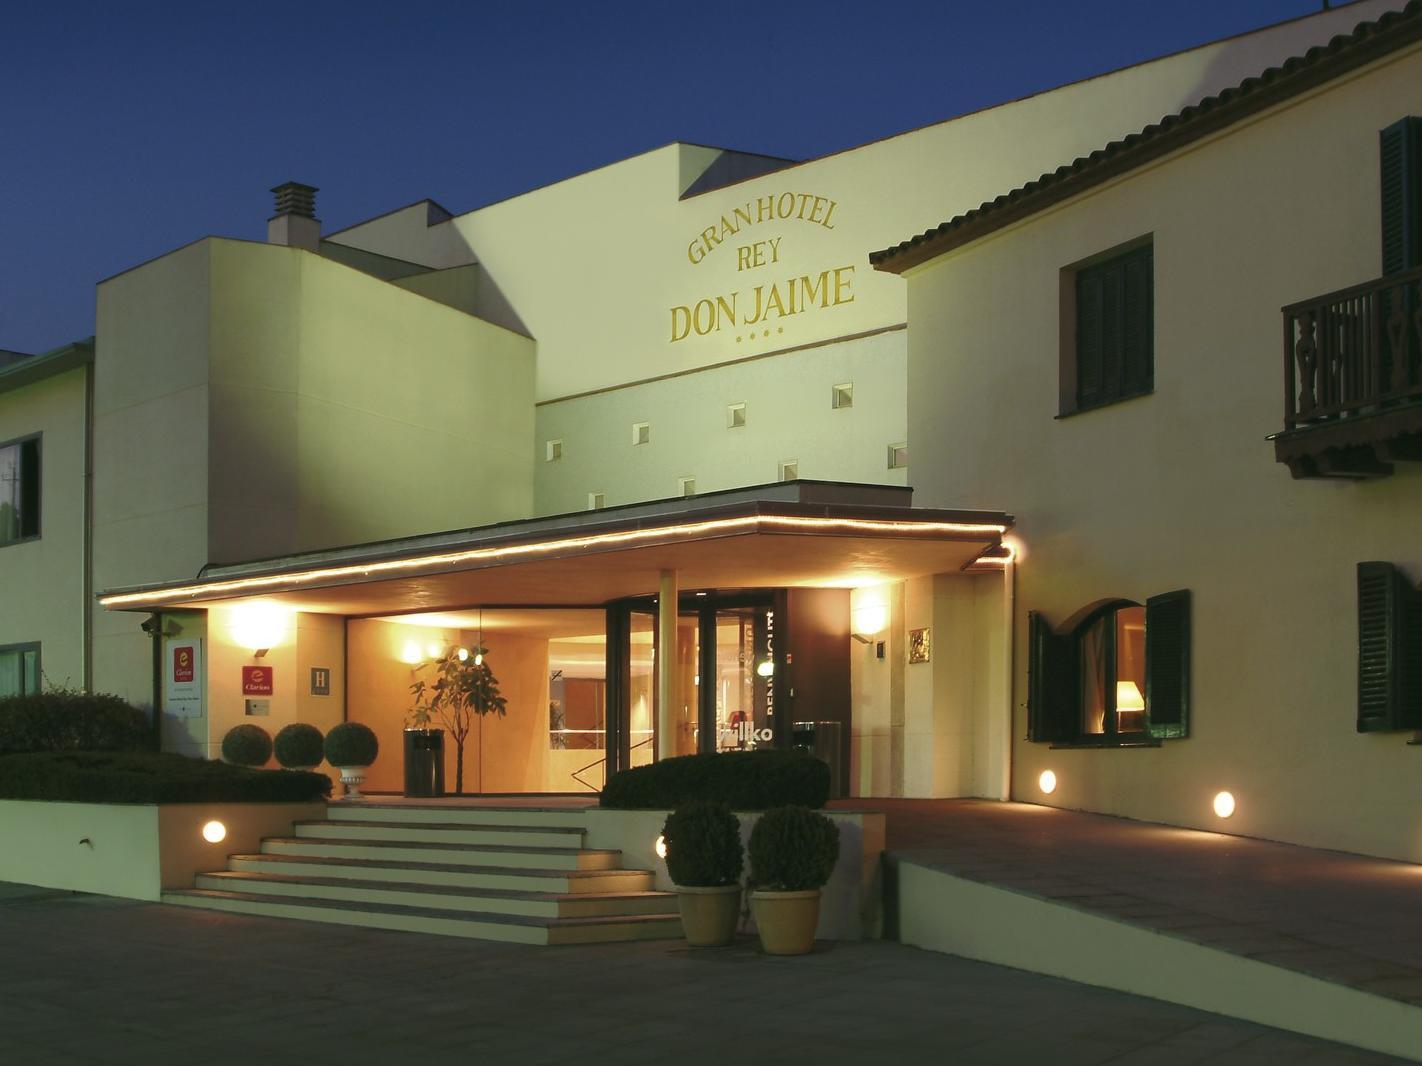 Gran Hotel Rey Don Jaime